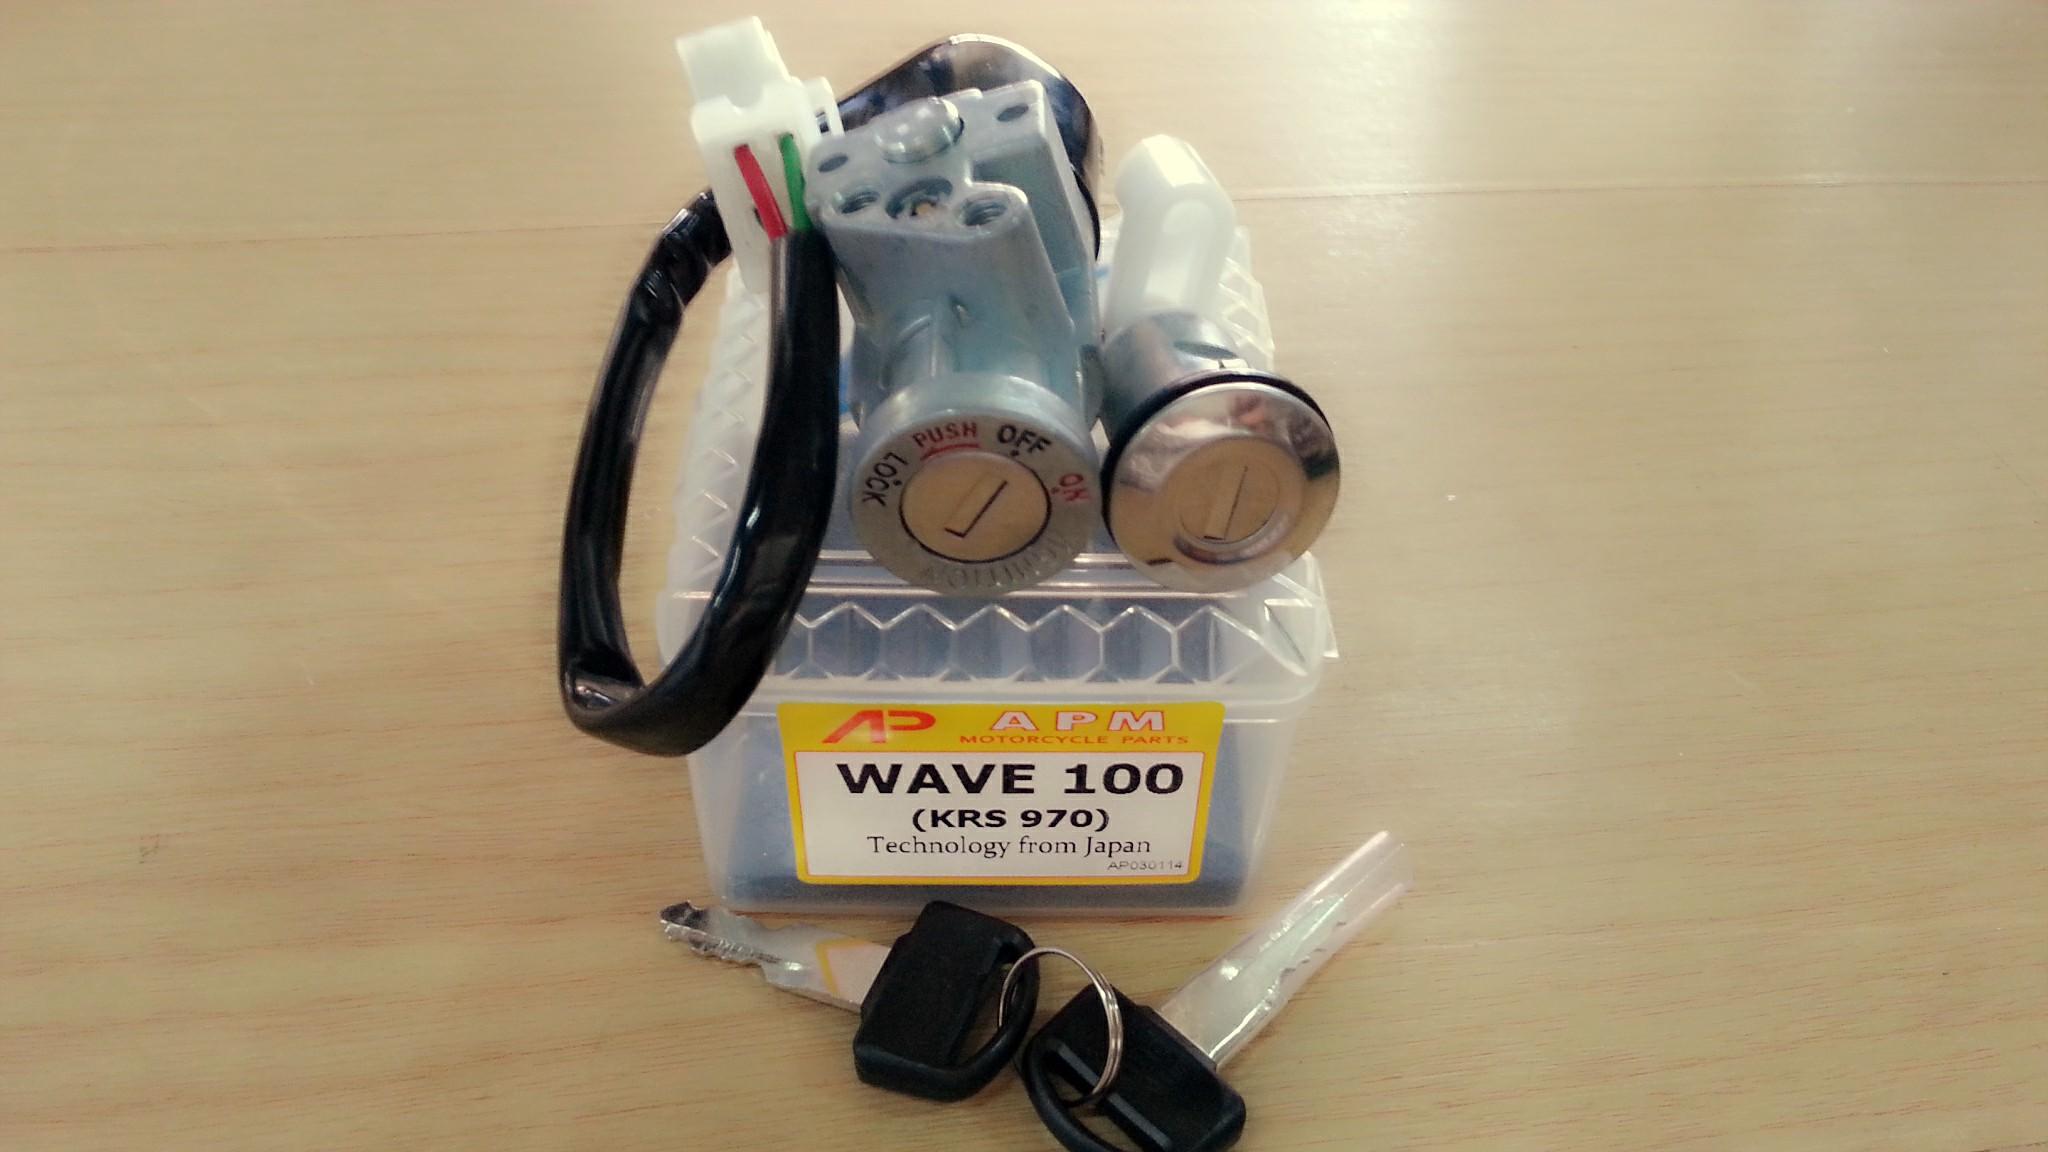 สวิทช์กุญแจ Wave100 เก่า